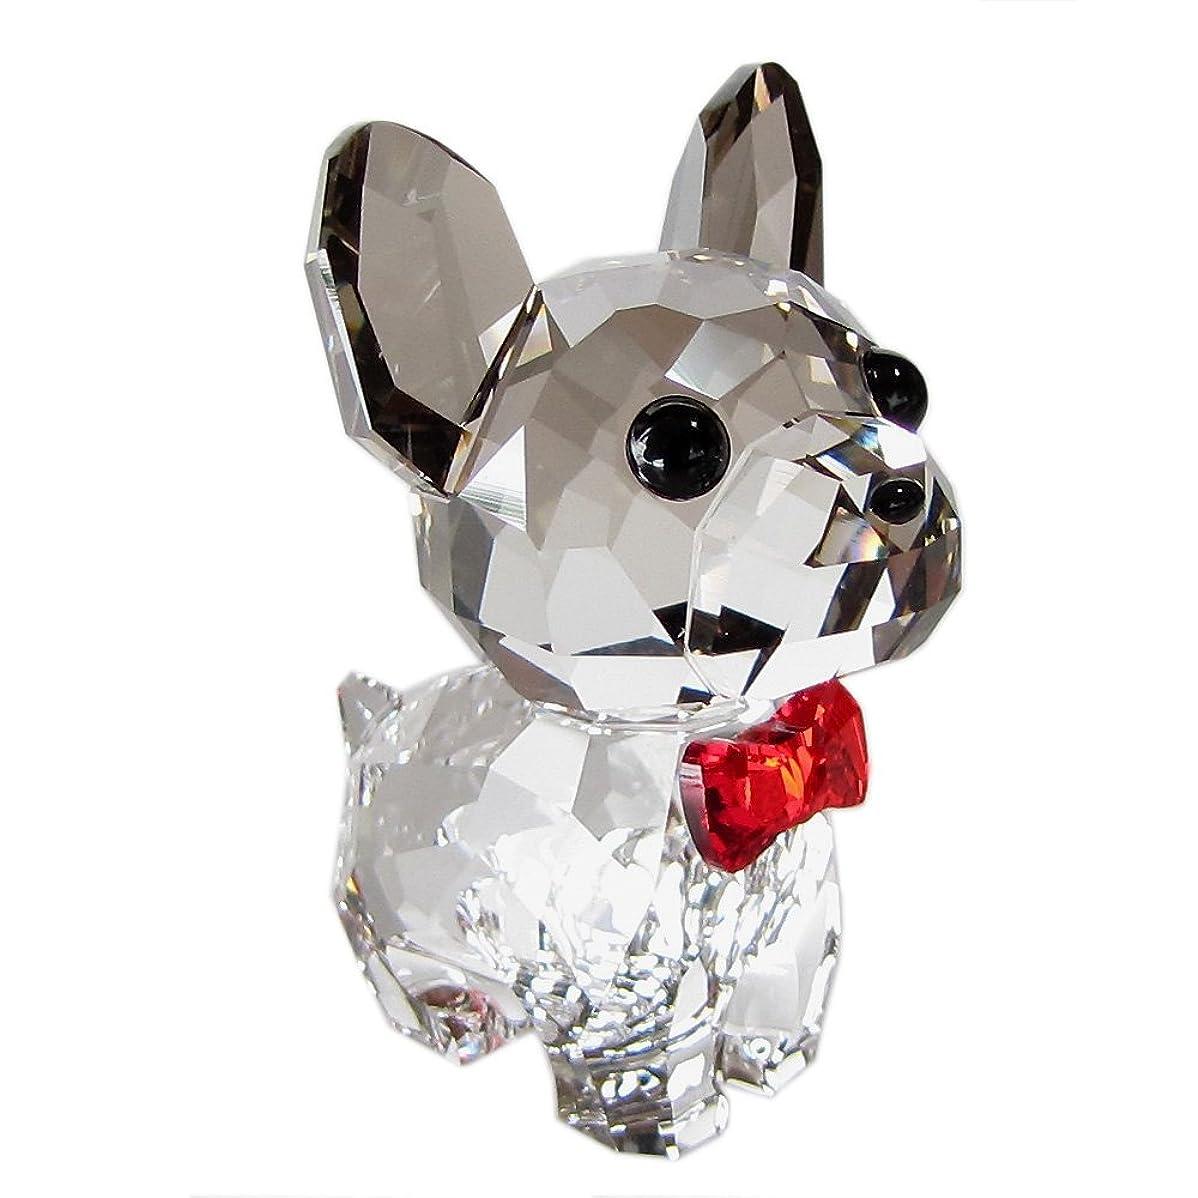 量で自治アイスクリームスワロフスキー SWAROVSKI クリスタル フィギュア パピー ブルーノ フレンチブルドッグ 犬 5213639 【並行輸入品】 5213639